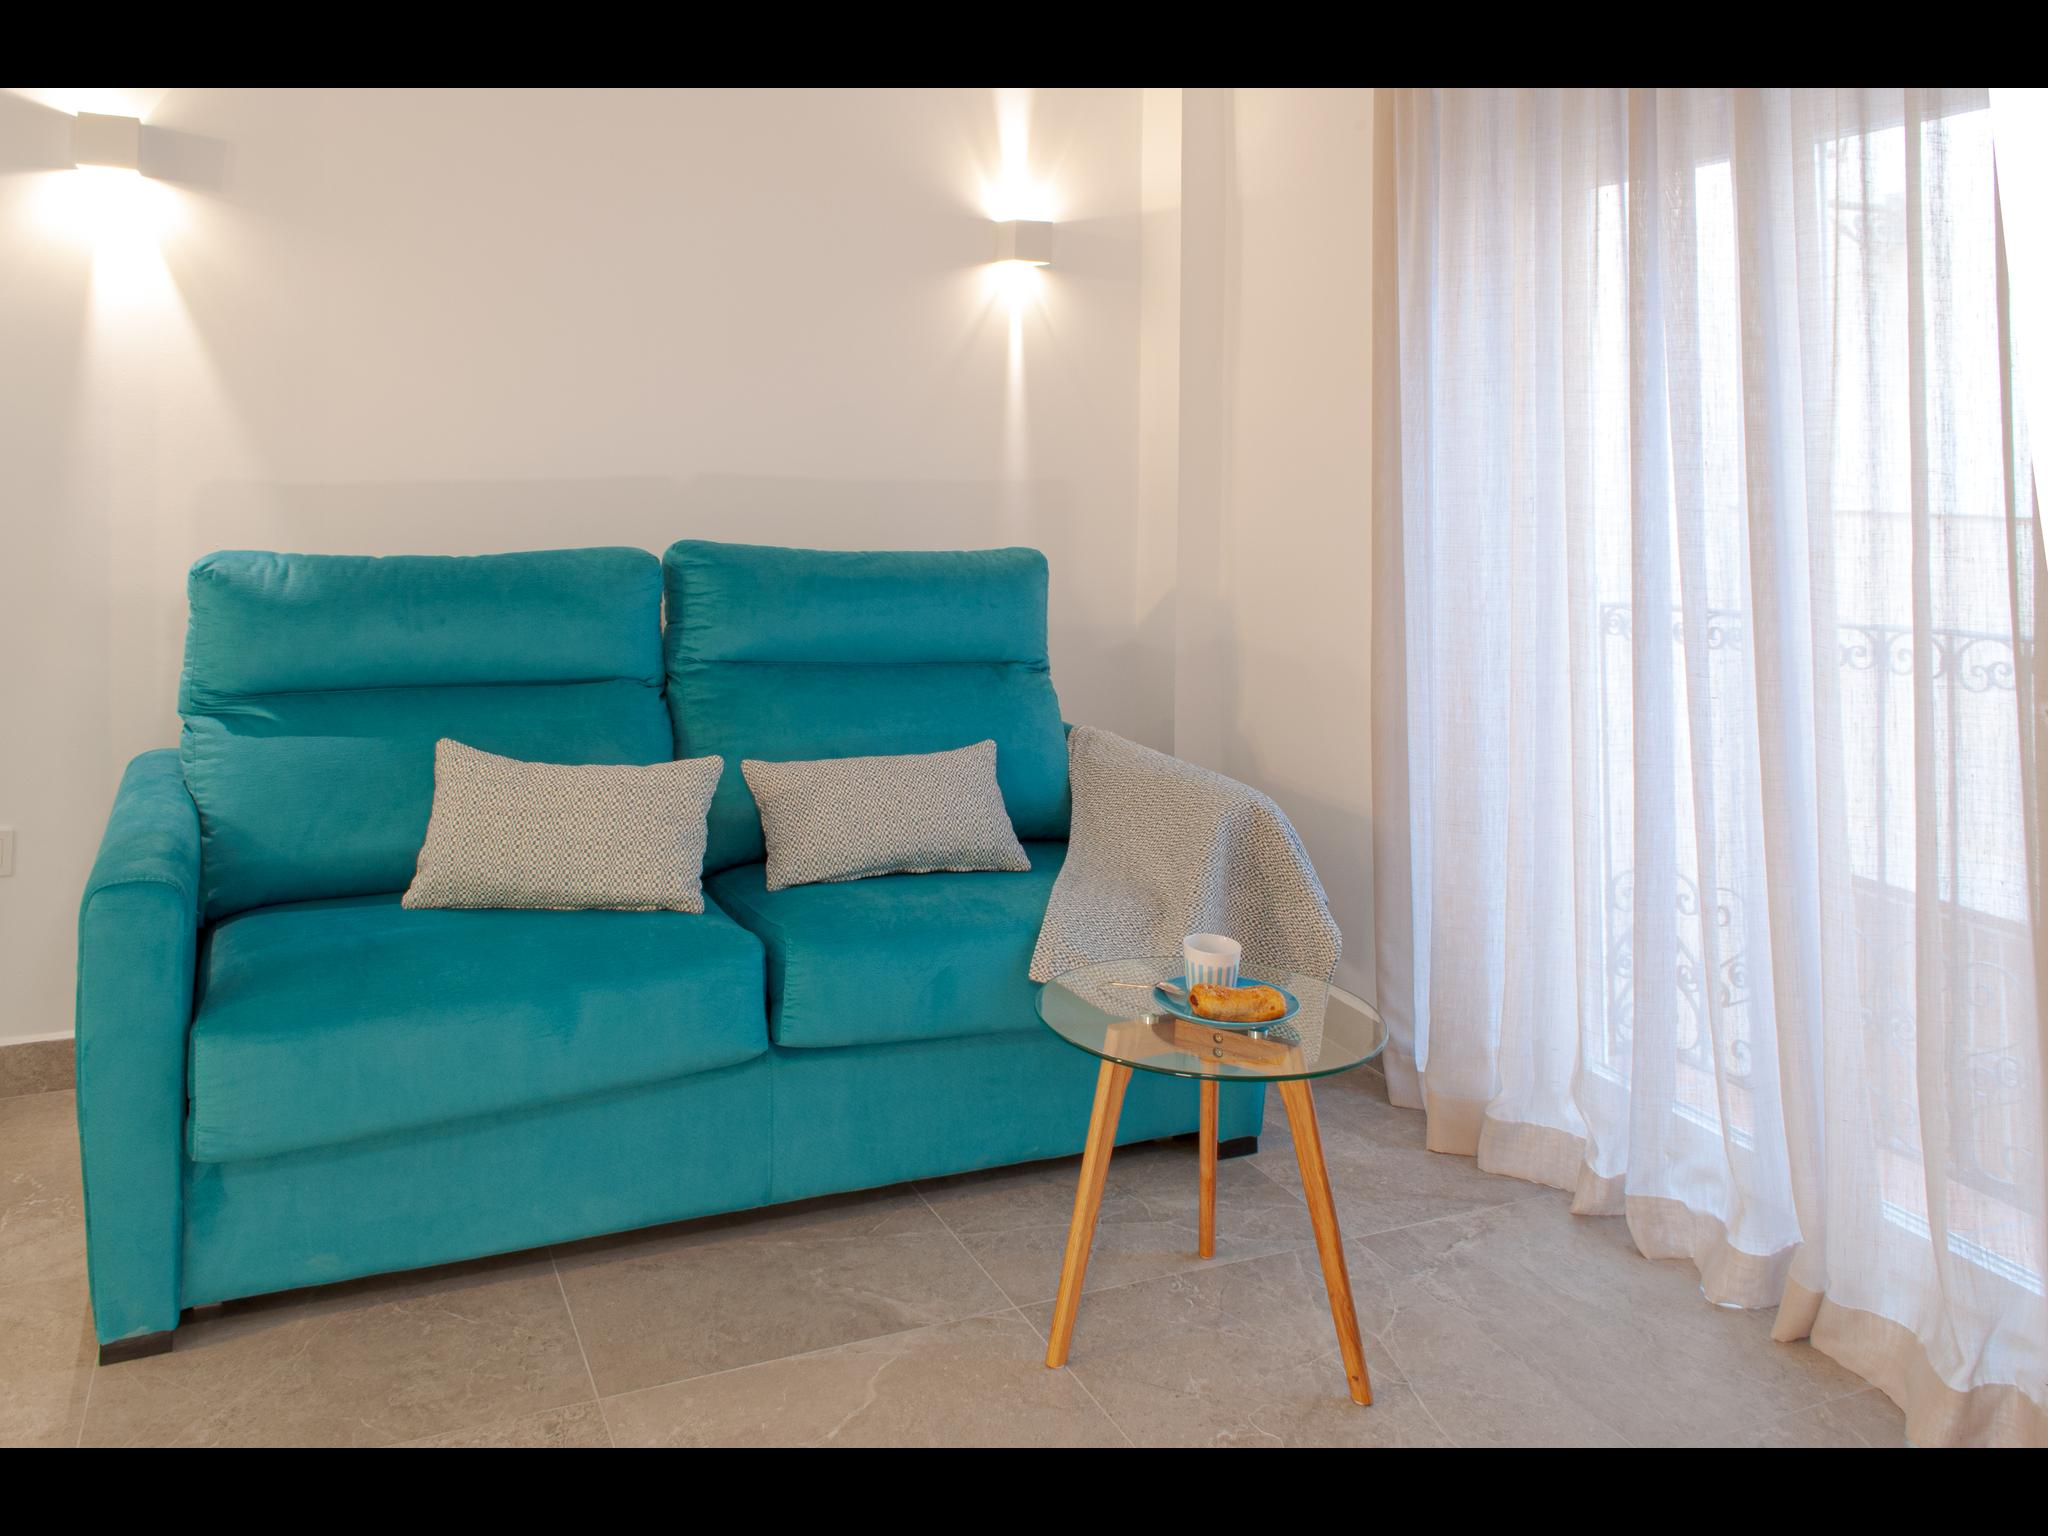 Cisneros 2 - Duplex penthouse in Alicante